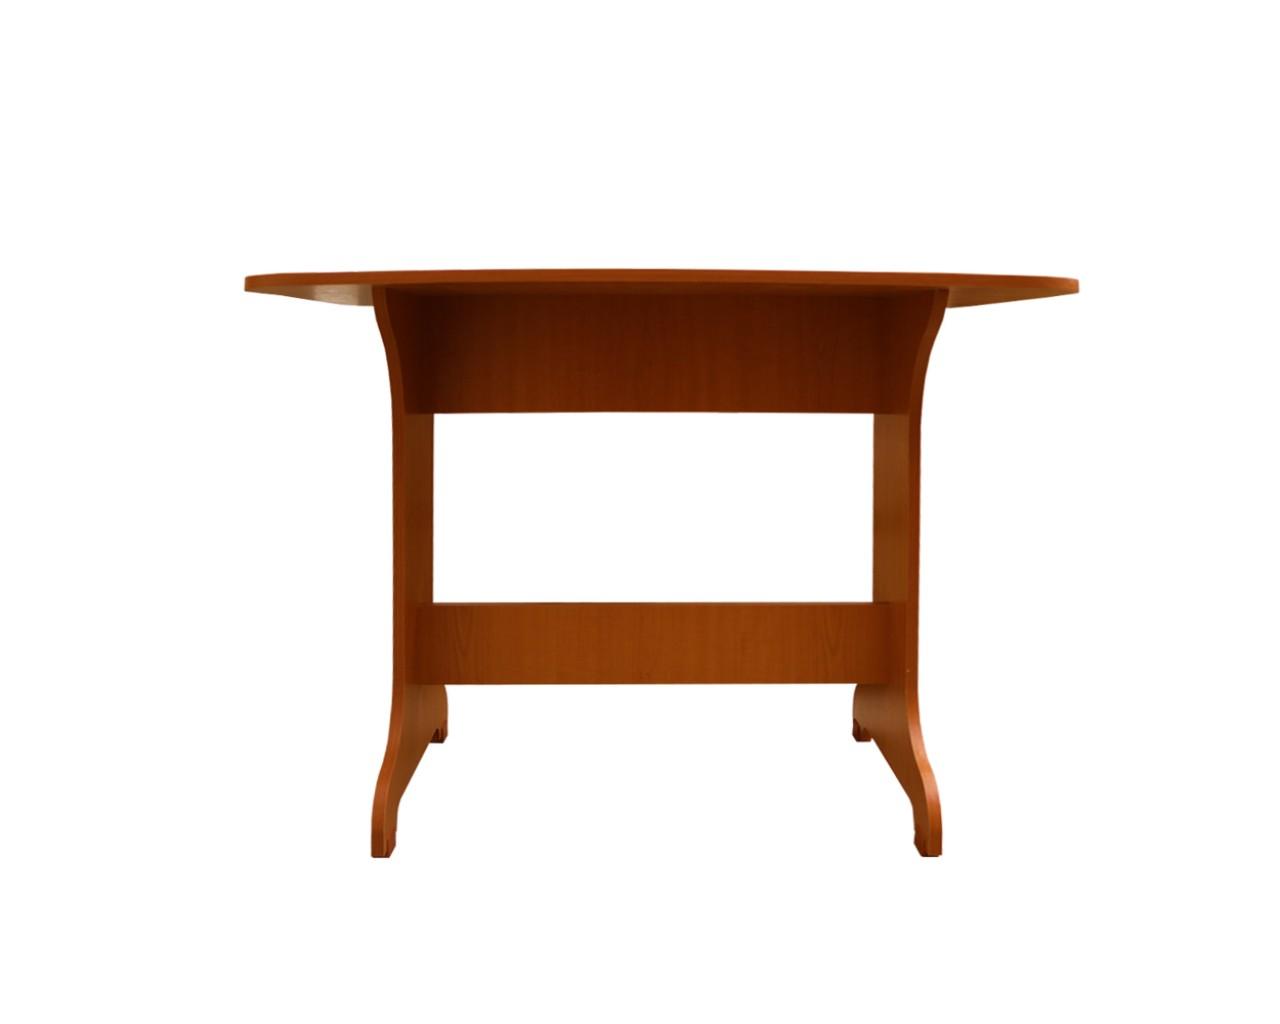 masa 1000 x 600 cires. Black Bedroom Furniture Sets. Home Design Ideas